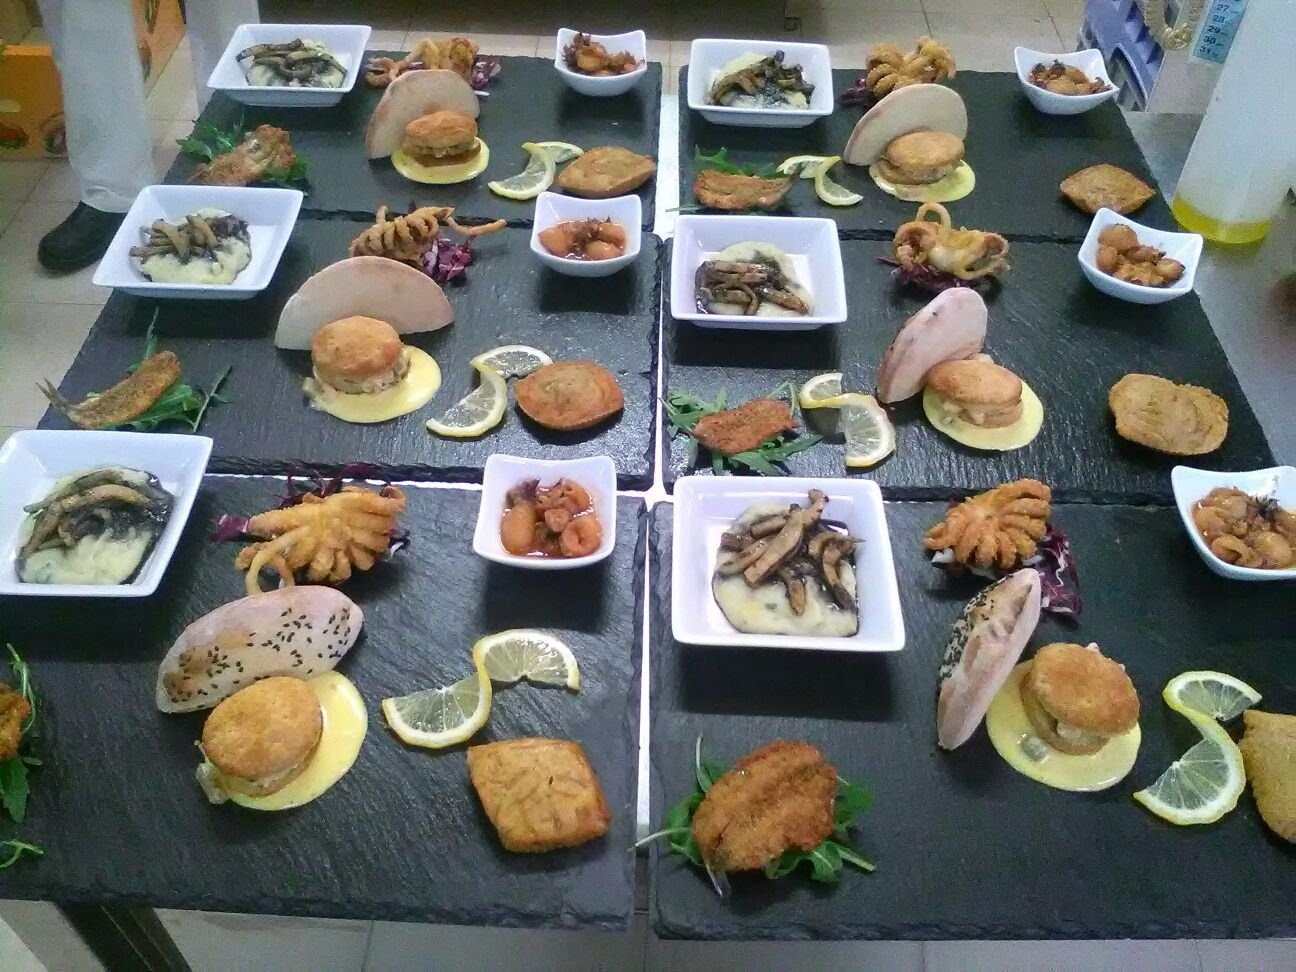 Tavolo Da Pranzo Dwg : Tavolo da pranzo dwg soggiorno dwg arredo cucina dwg studio roma